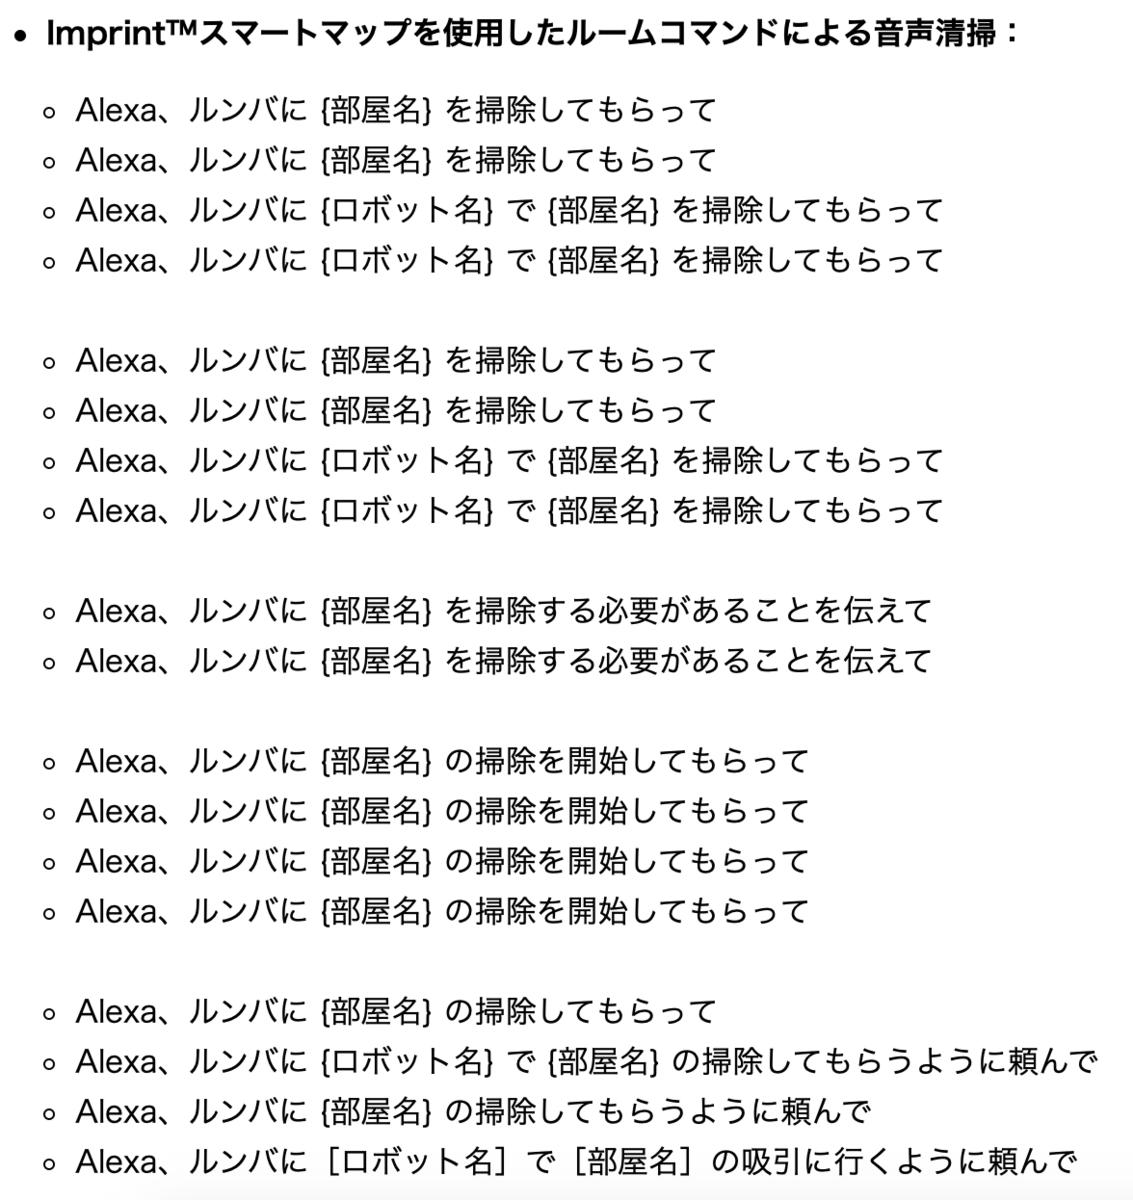 アレクサでルンバを操作 i7シリーズ